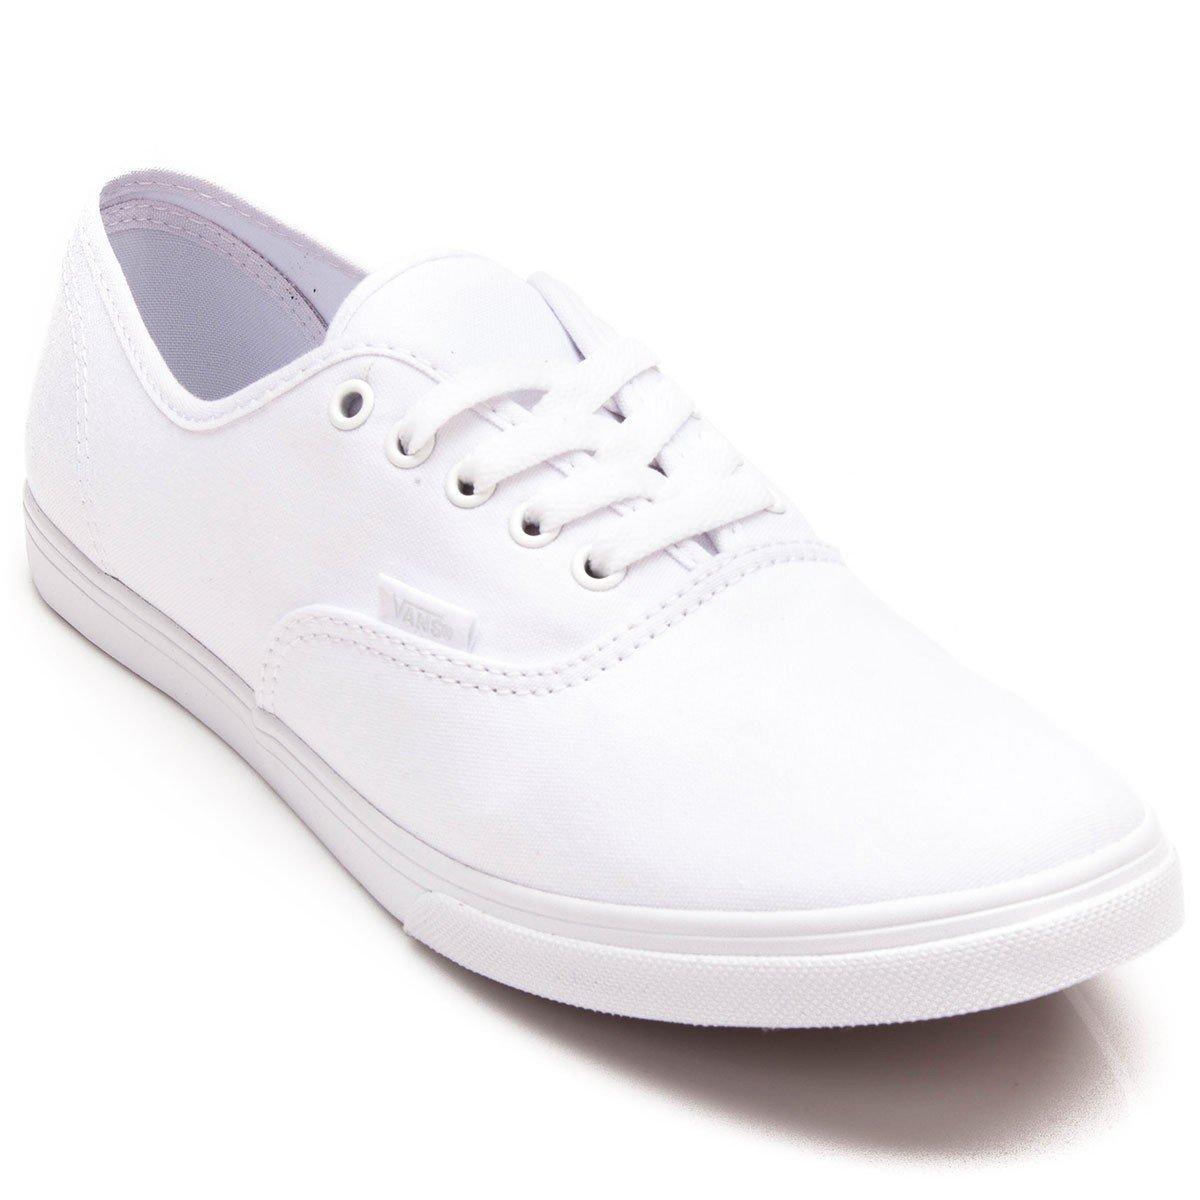 Vans Men's Authentic(Tm) Core Classics B01M33UDS1 6.5 B(M) US Women / 5 D(M) US Men|True White / True White